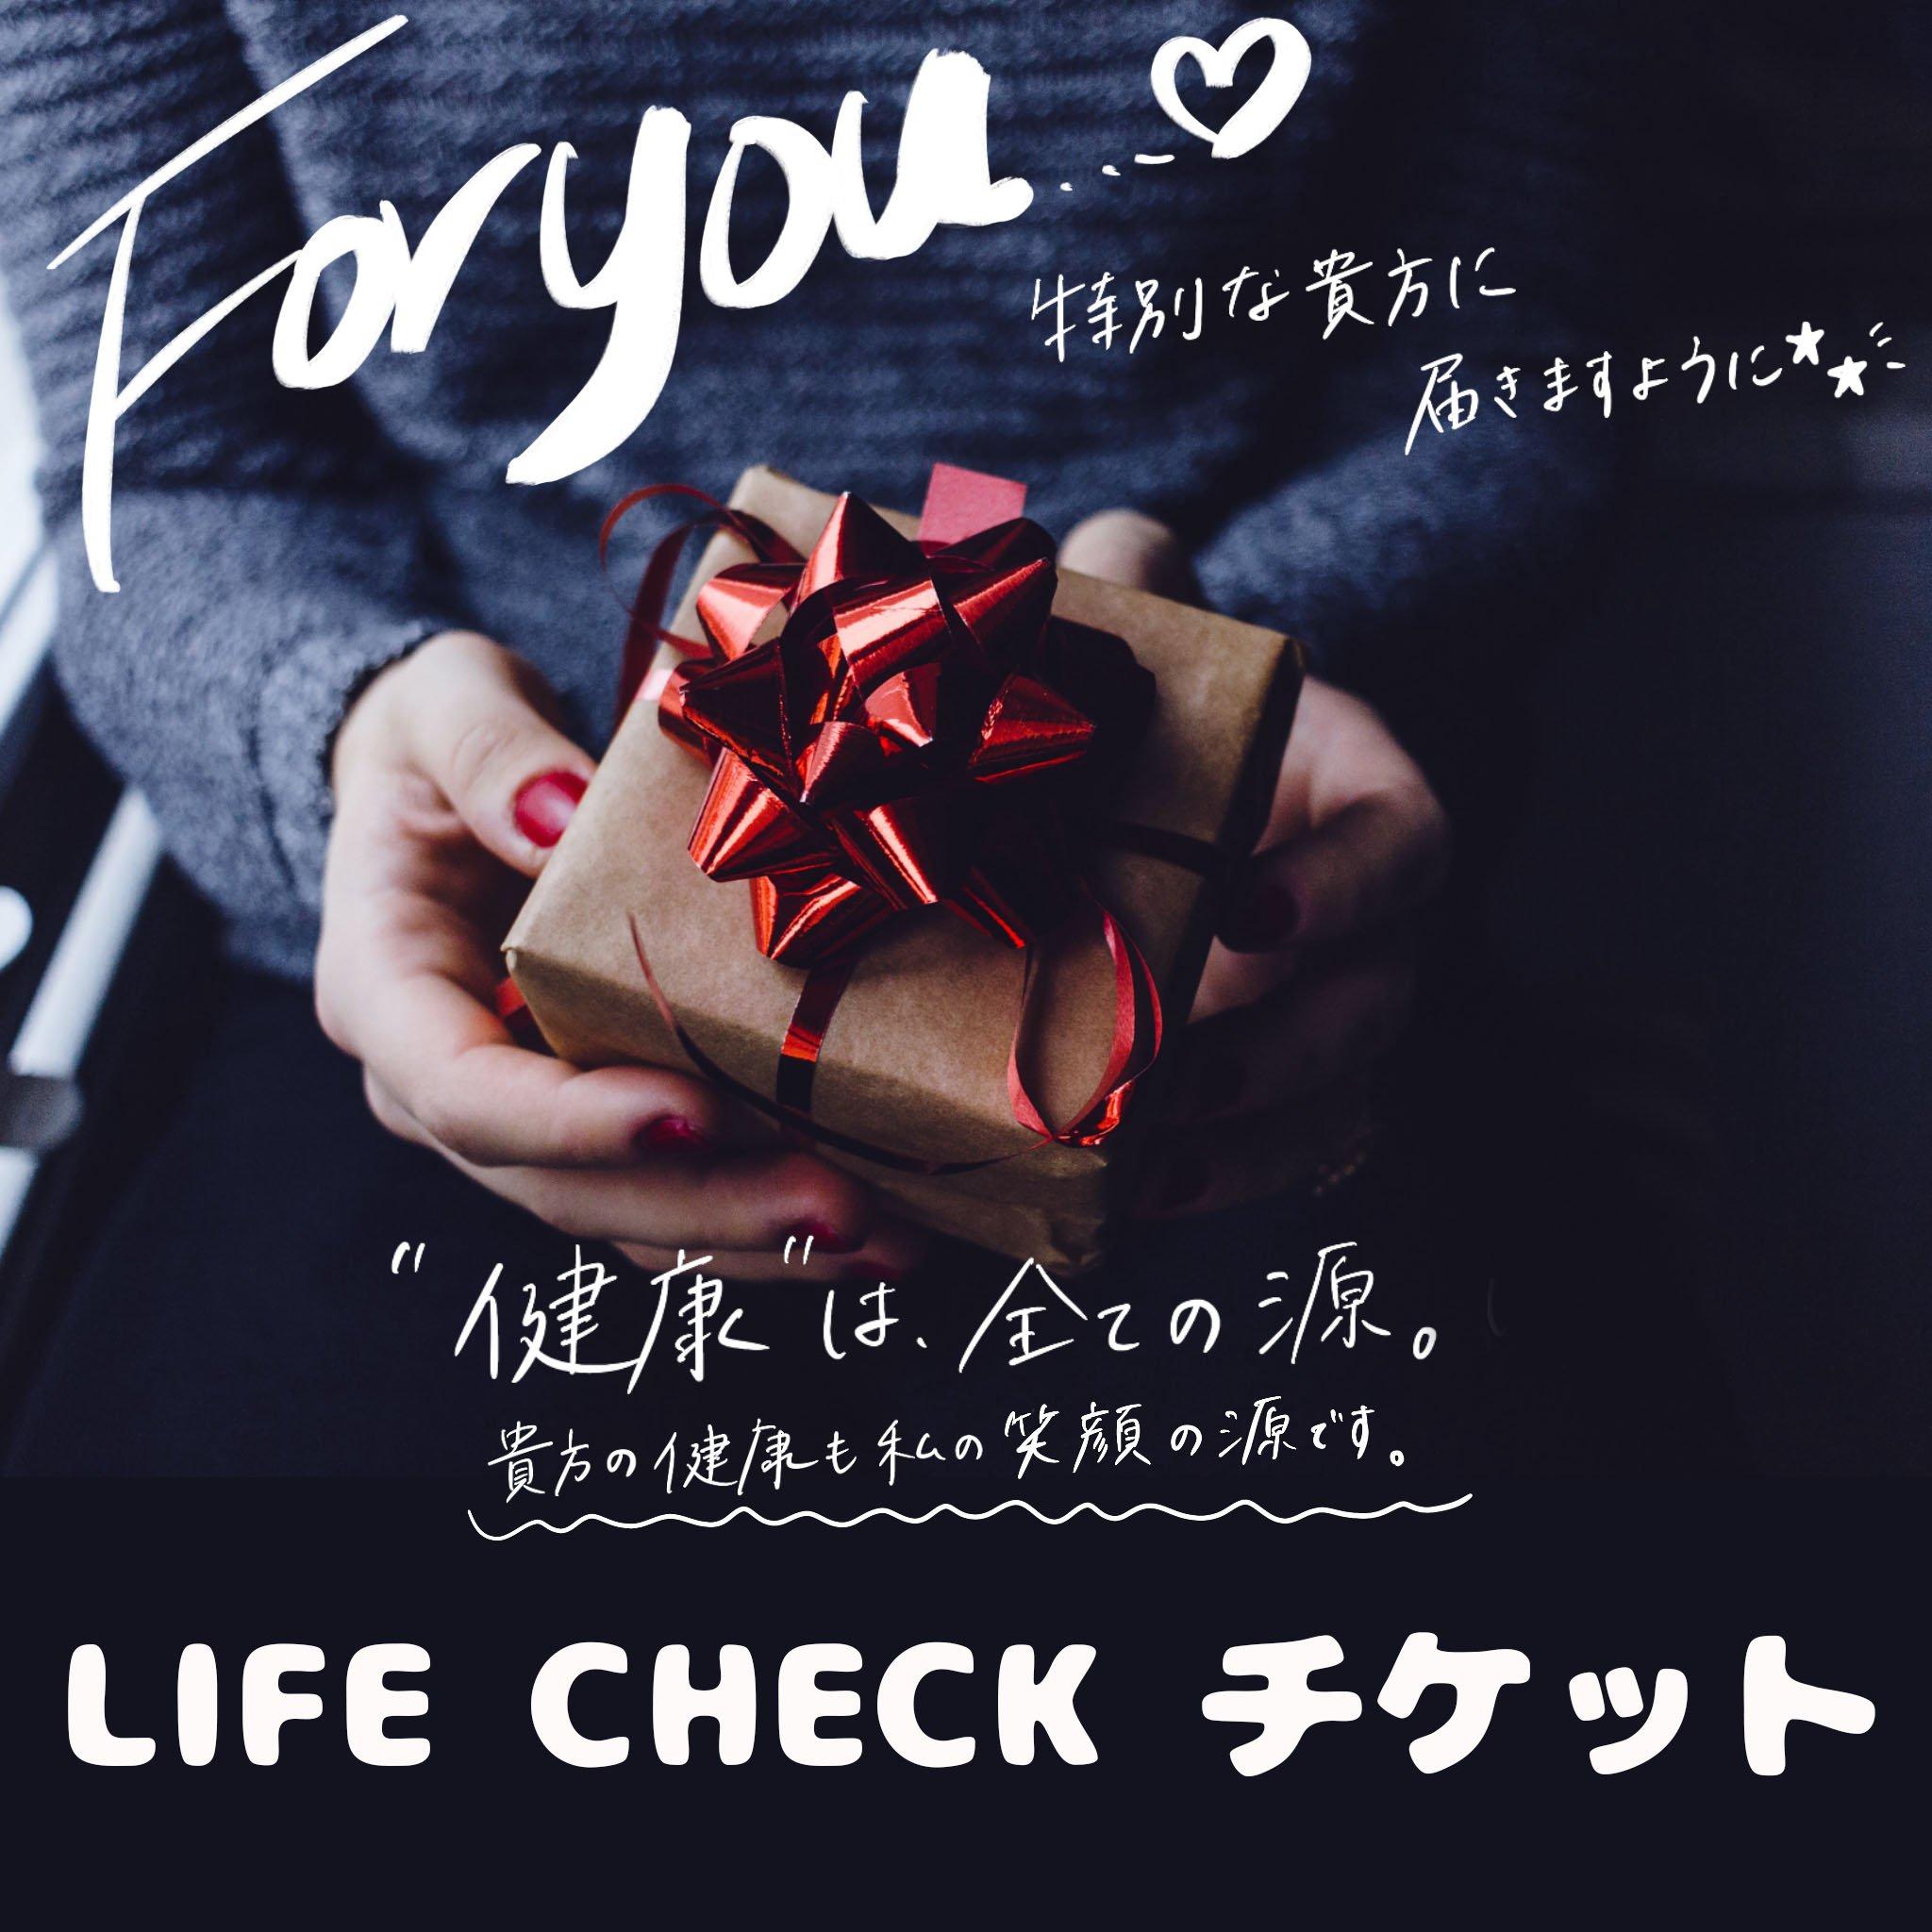 【限定100枚!】LIFE CHECK得得チケット5回分のイメージその1